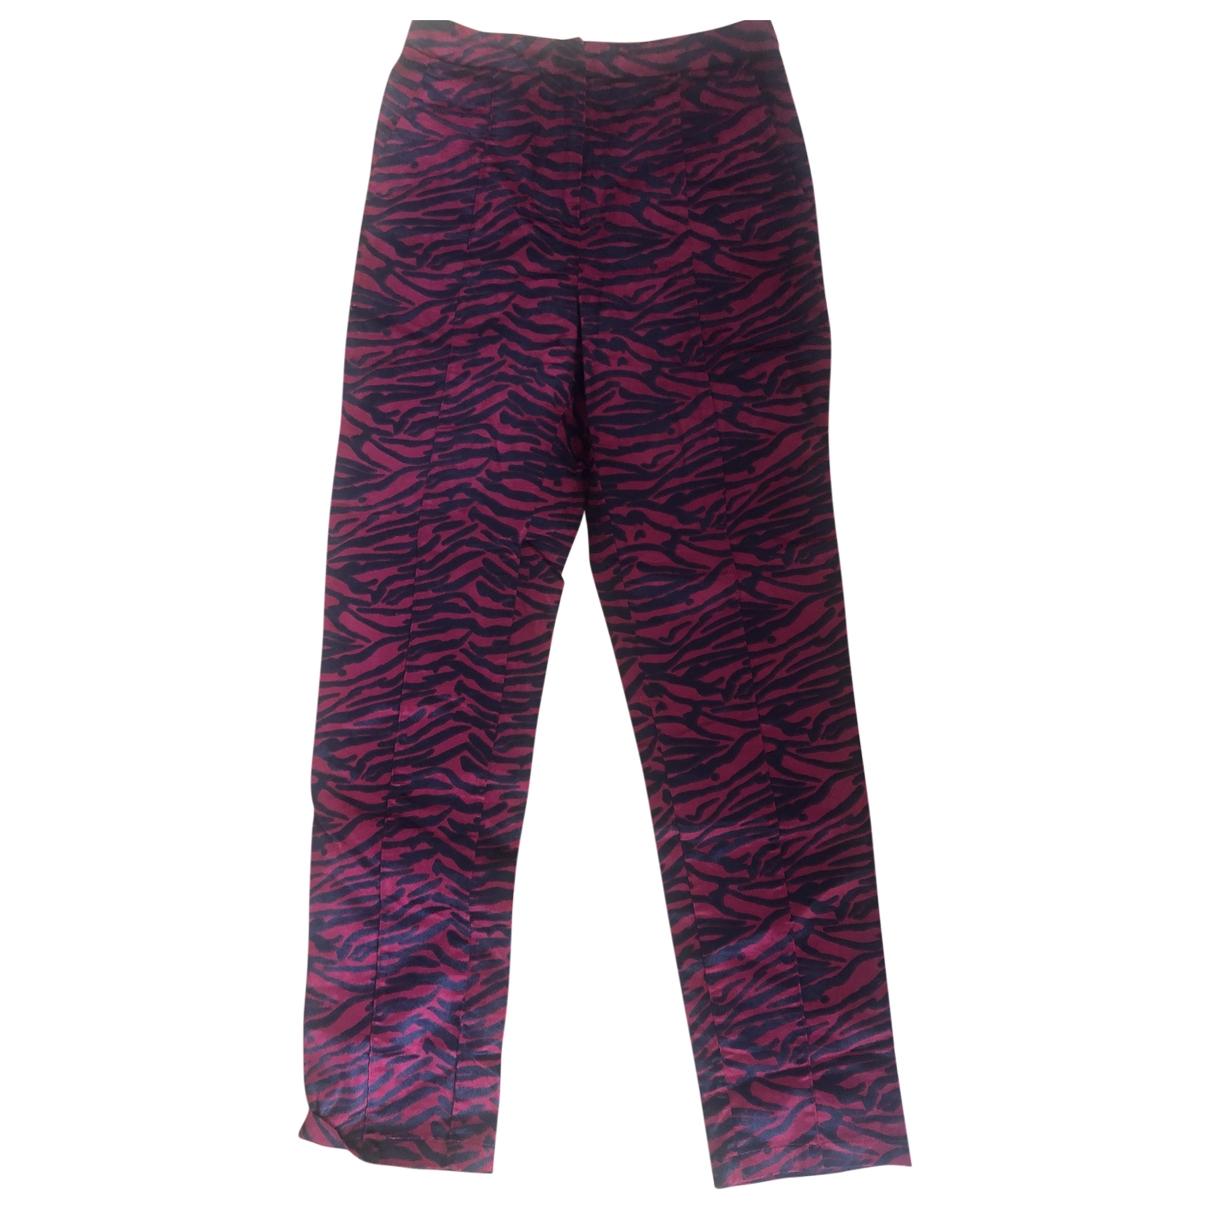 Pantalon recto Weili Zheng